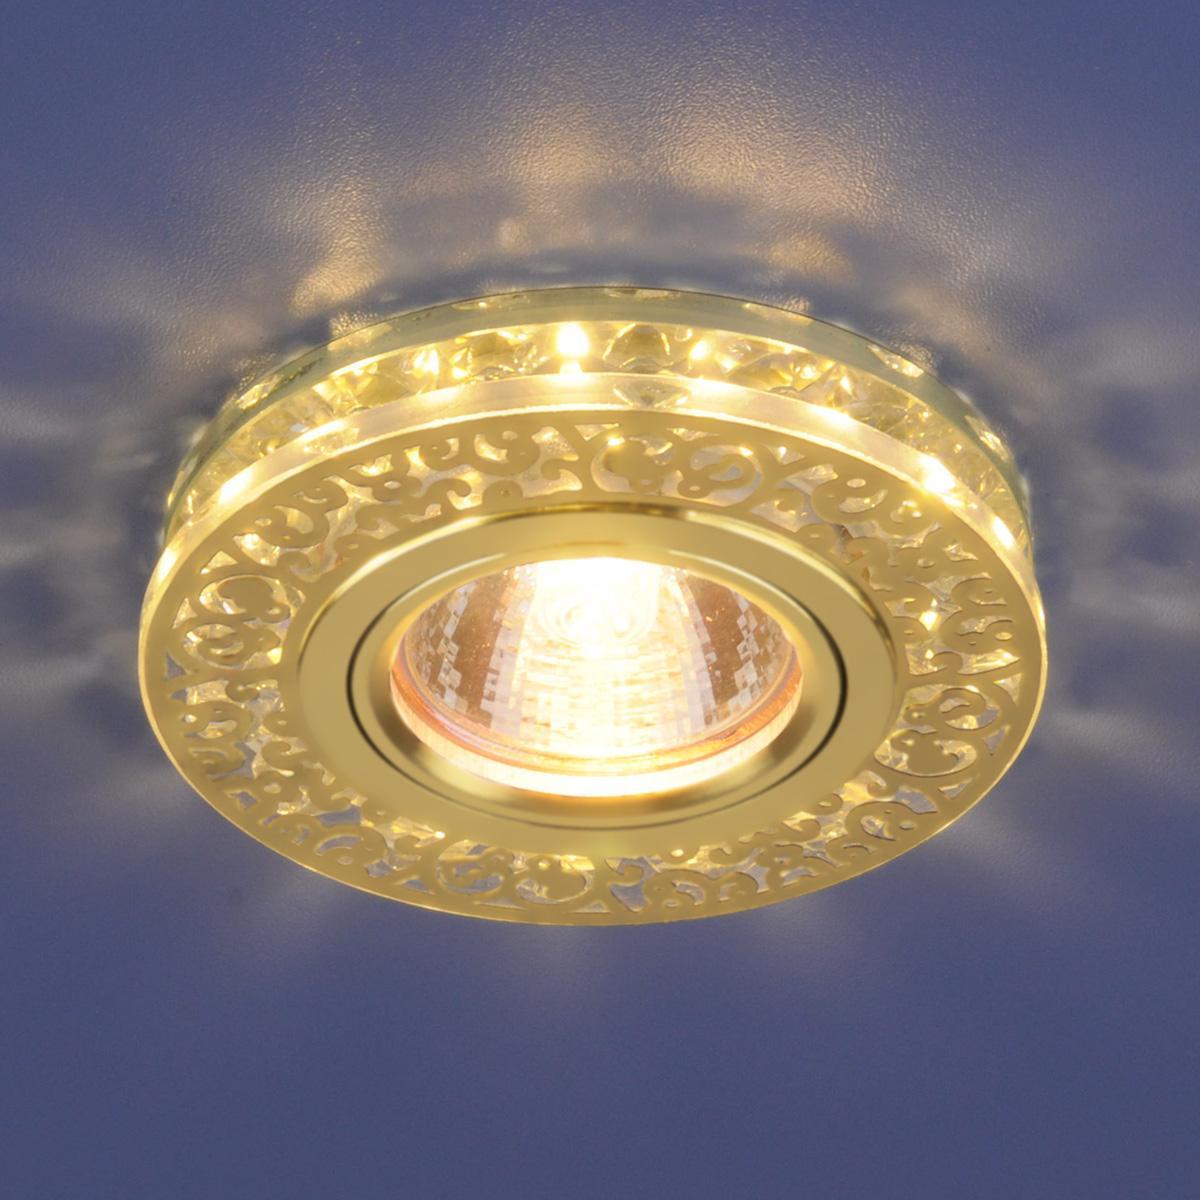 Встраиваемый светильник Elektrostandard 6034 MR16 GD/CL золото/прозрачный 4690389055720 светильник встраиваемый акцент 16001ba жемчужное золото золото